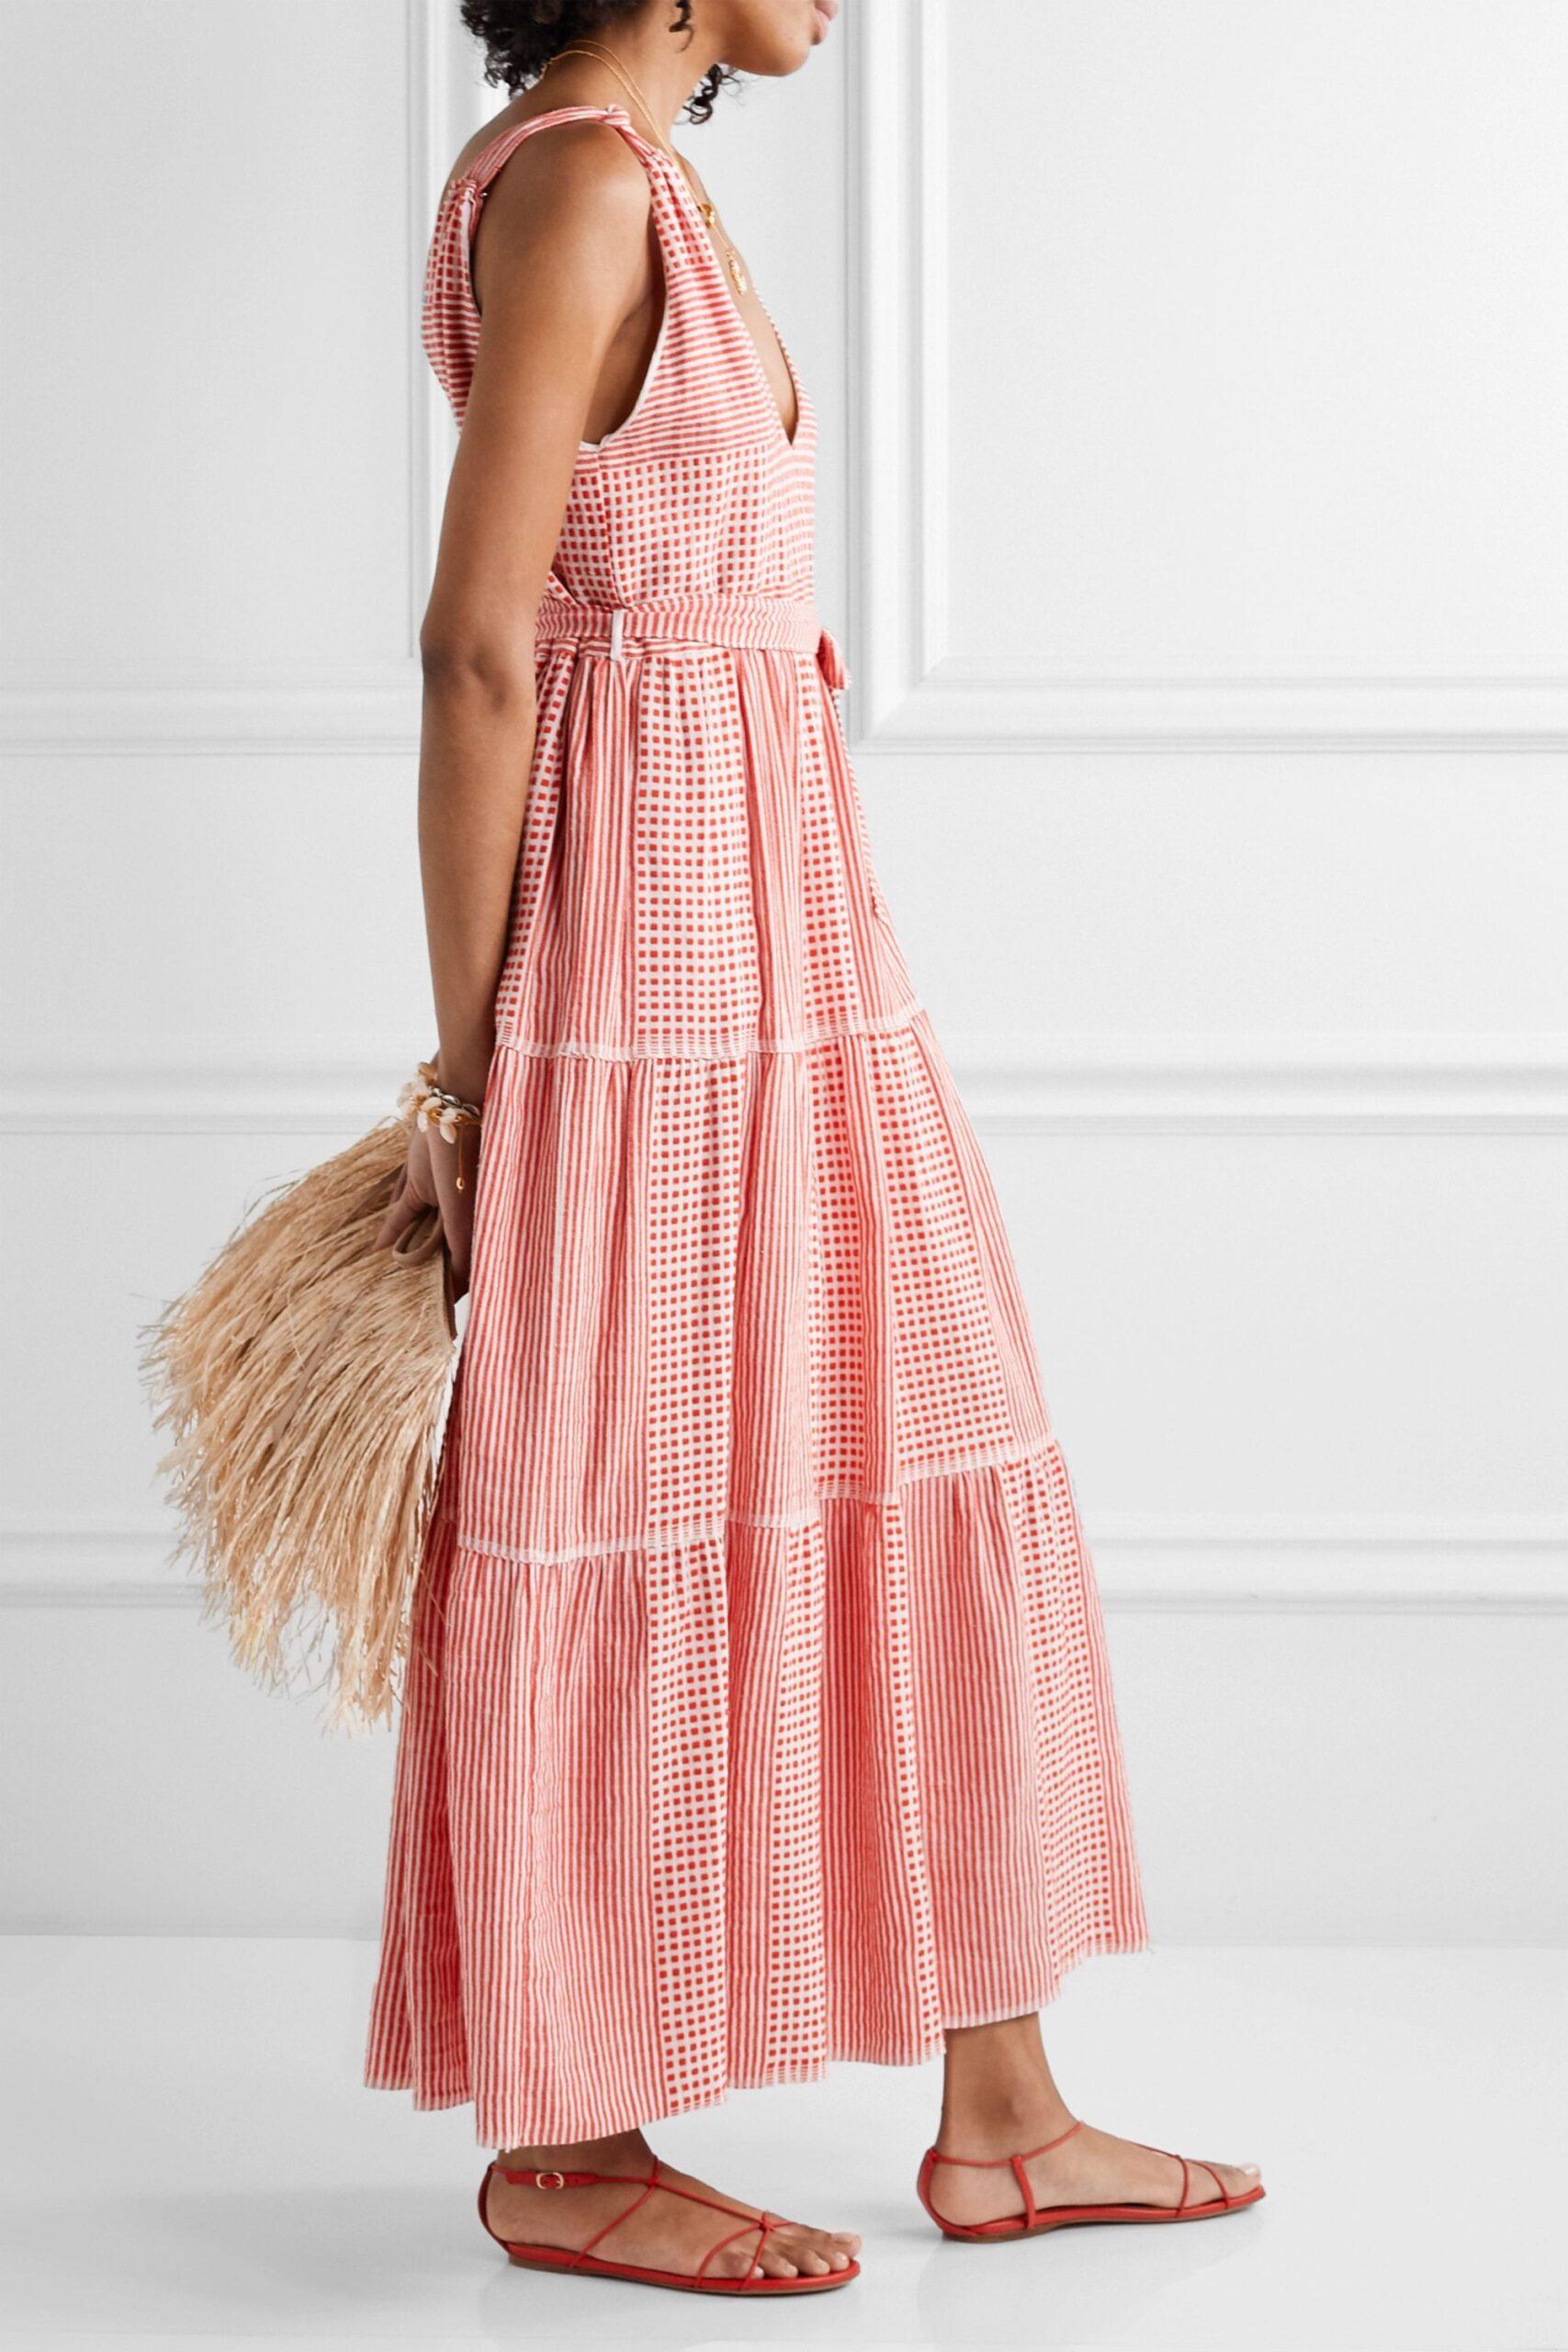 LemLem Cotton Gauze Maxi Dress